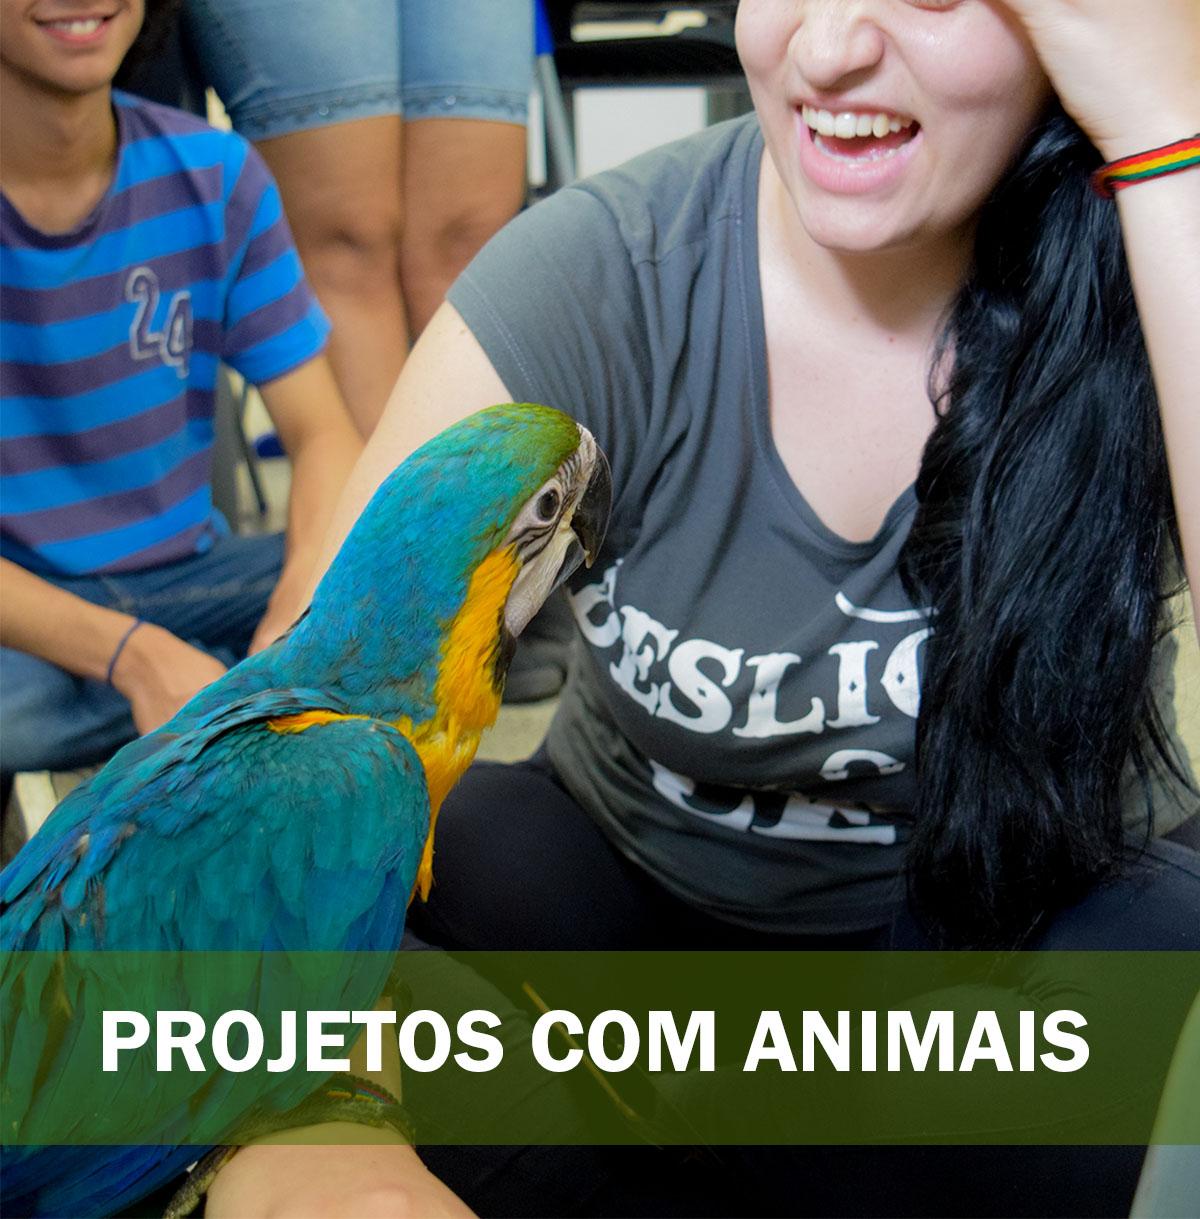 PROJETOS COM ANIMAIS palestra com animais silvestres e exóticos 1